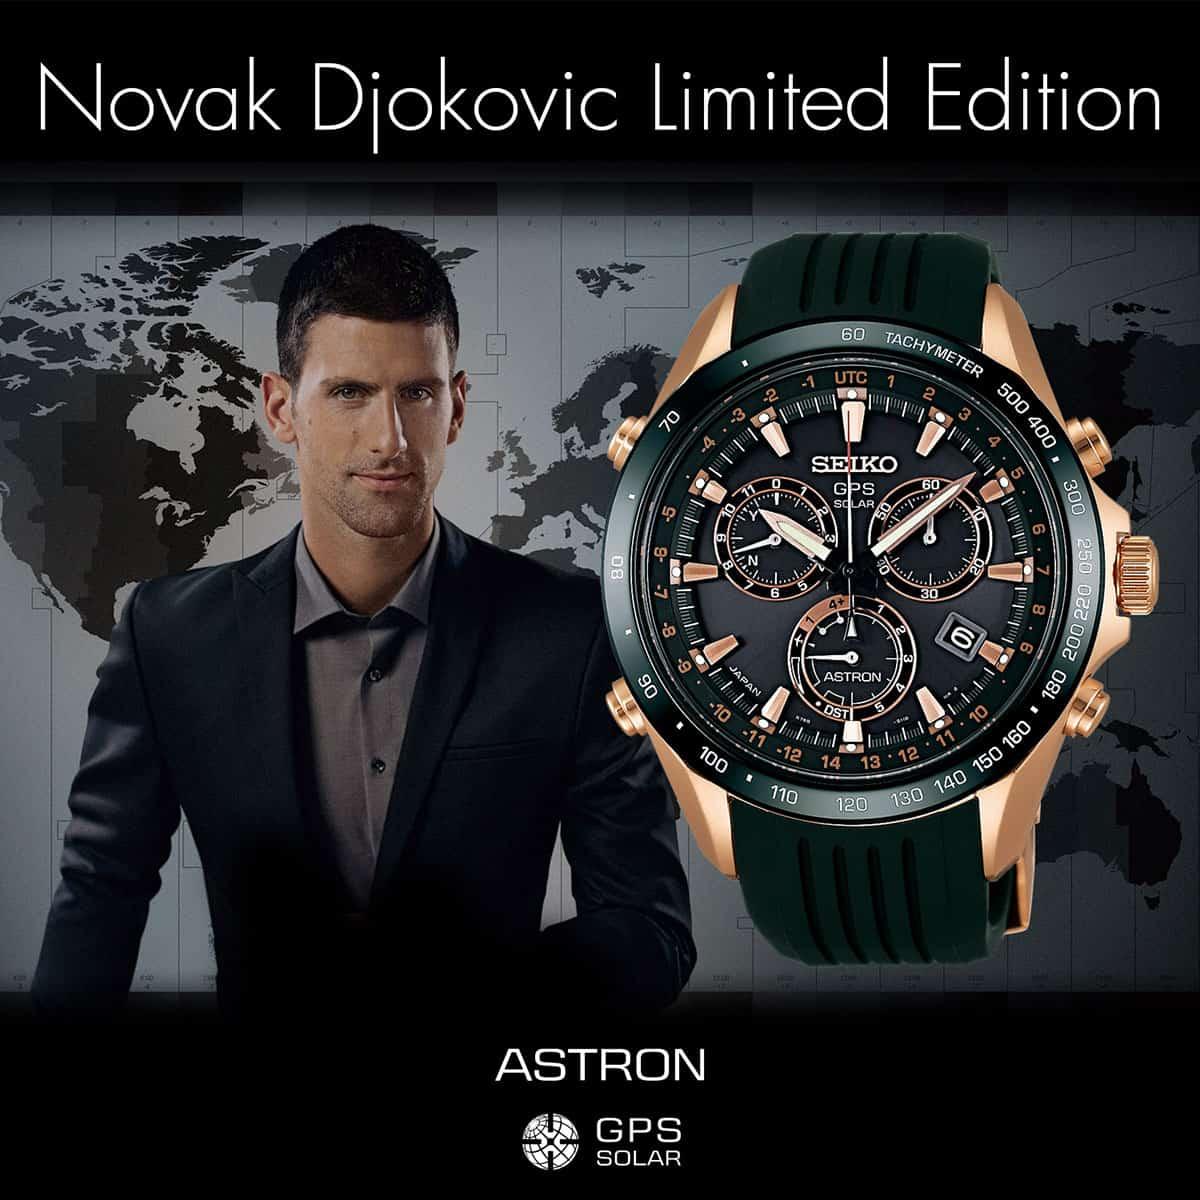 Seiko Astron Djokovic